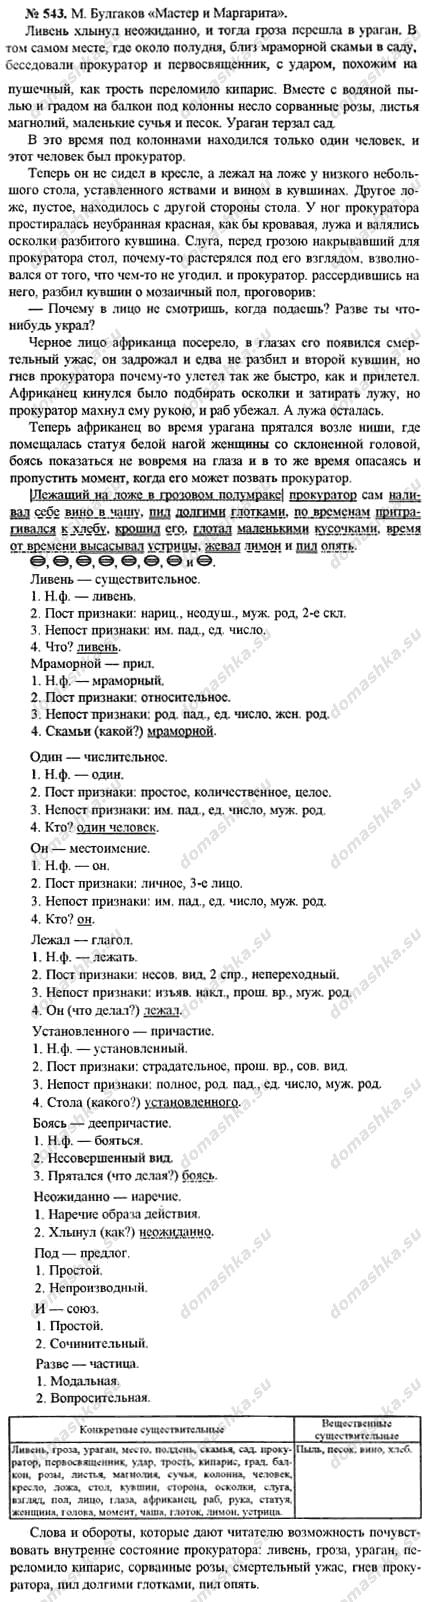 Текст гдз класс стили речи по 10-11 русский грамматика